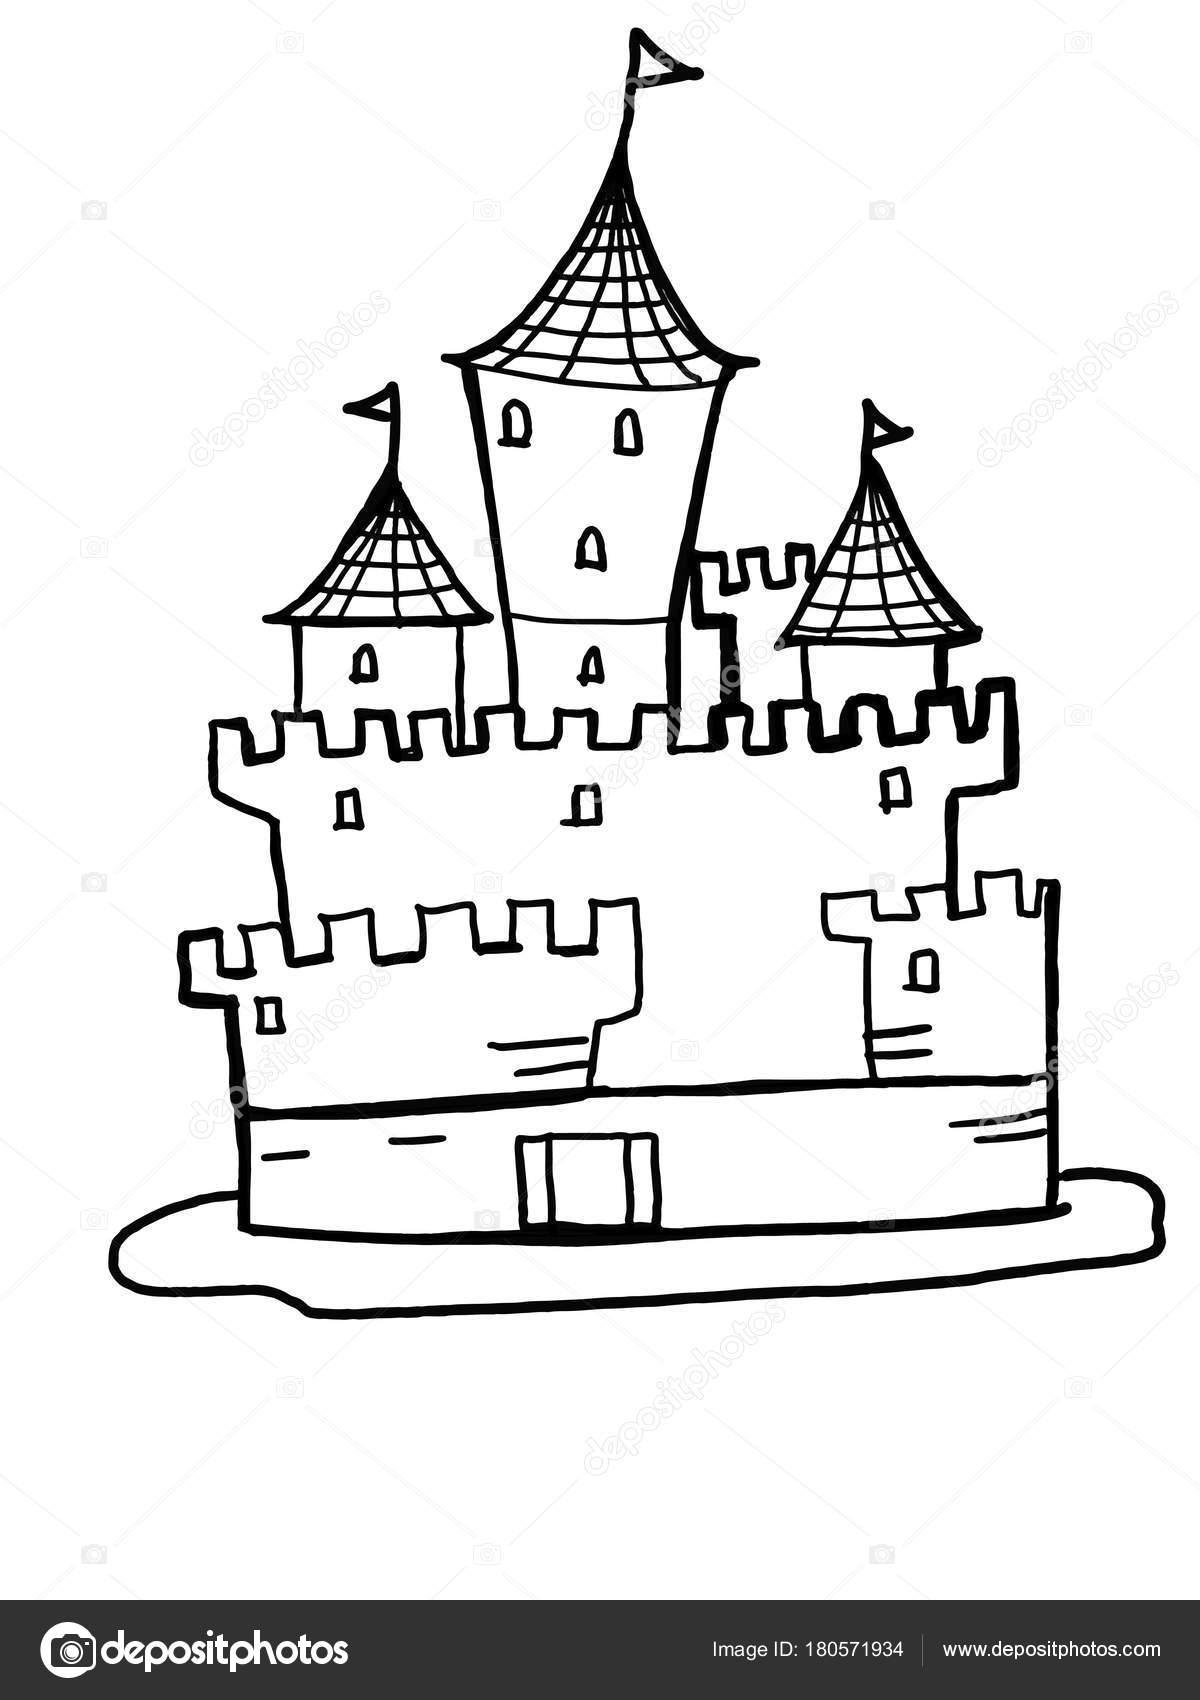 desenho ilustração castelo para colorir desenhos animados branco